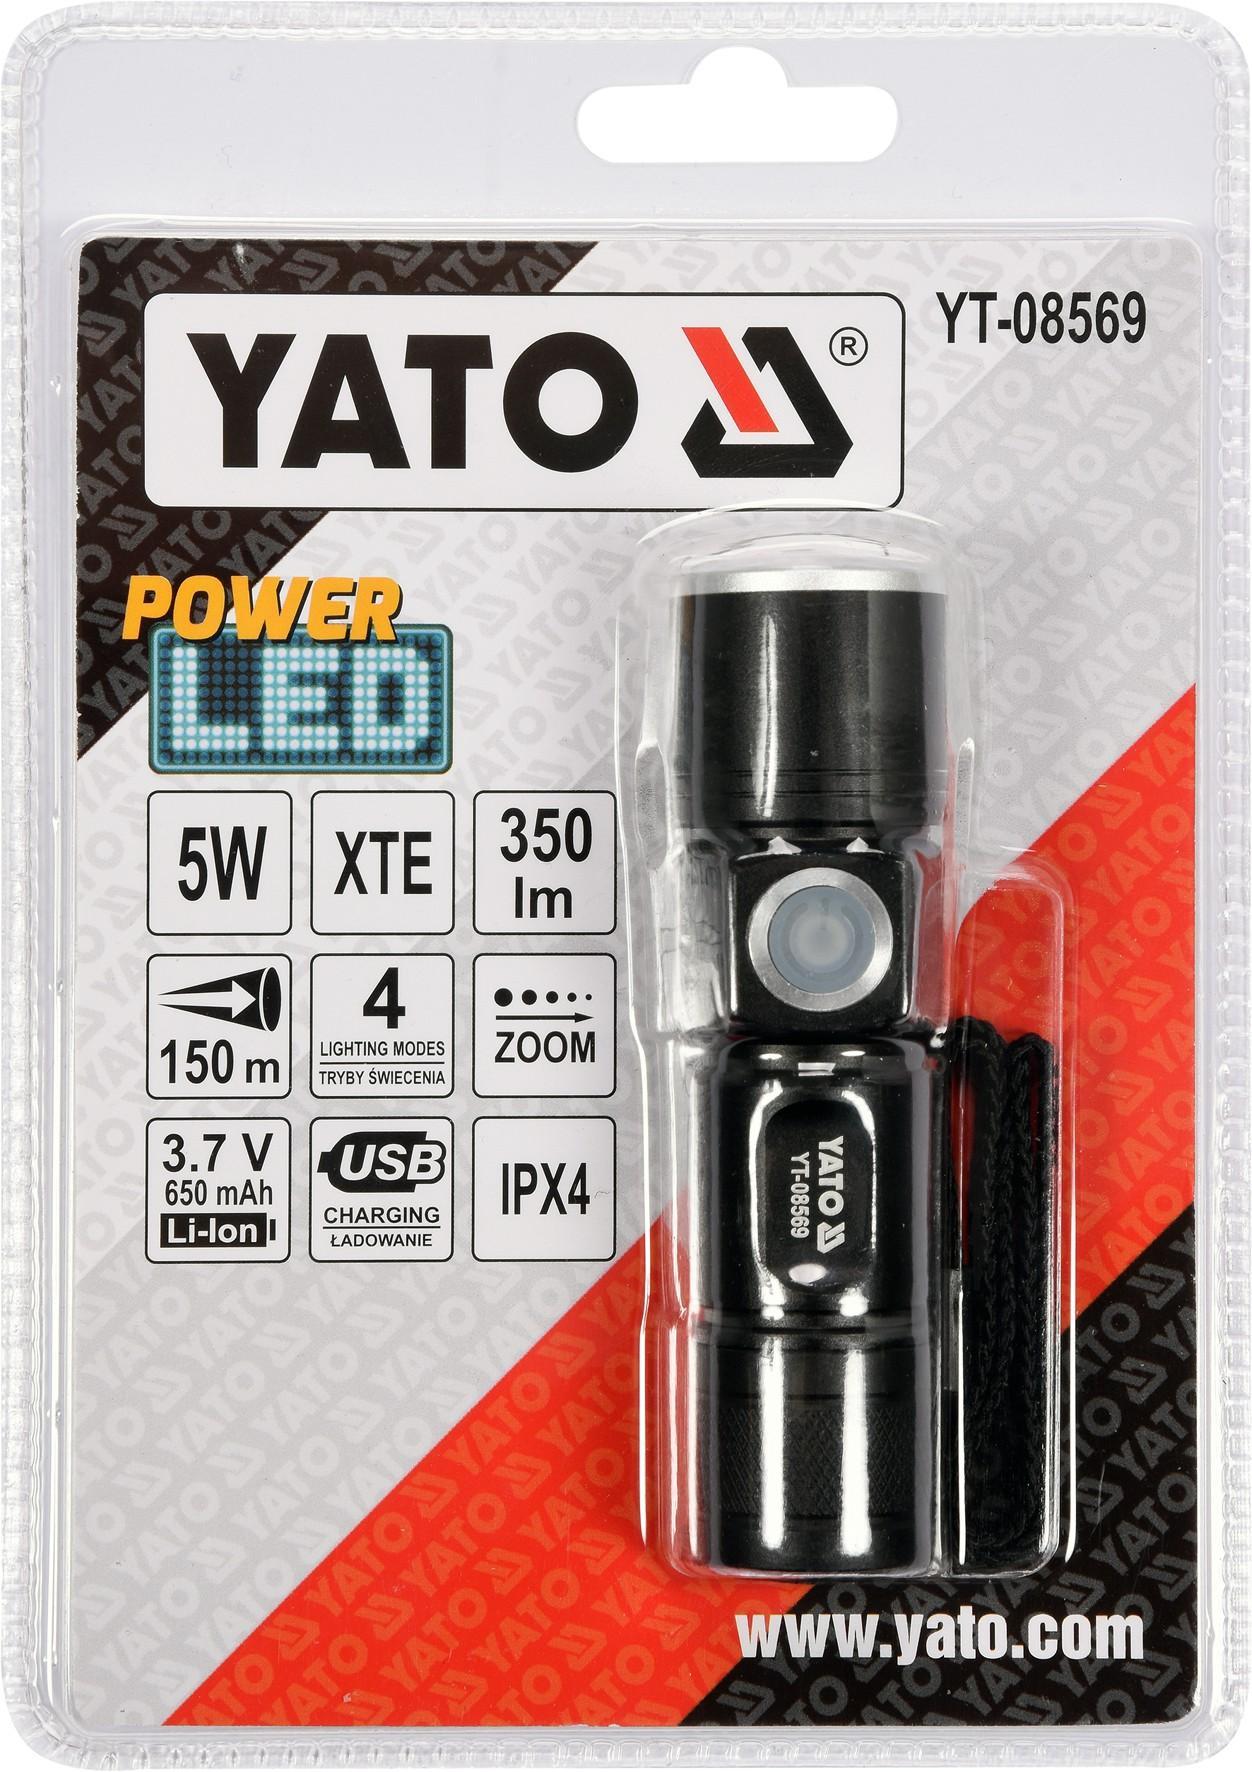 YT08569 Werkstattlampe YATO YT-08569 - Große Auswahl - stark reduziert